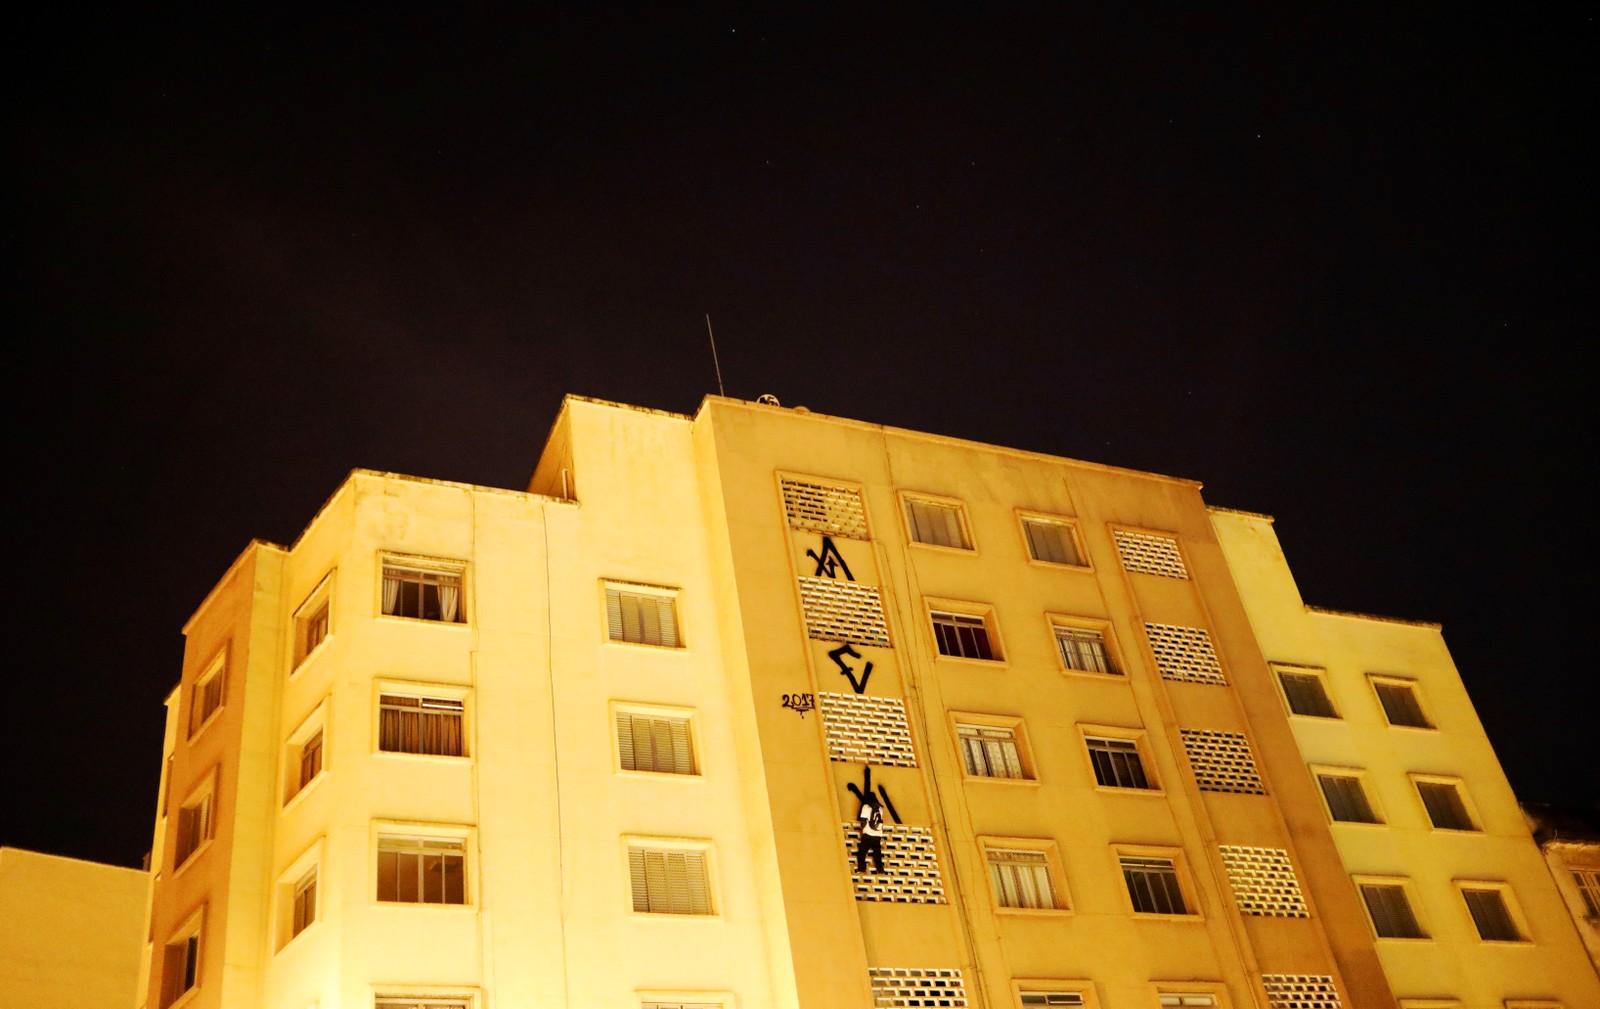 """En """"pichador"""", altså en som driver med graffiti, signerer en ni etasjer høy bygning i Sao Paulo i Brasil."""